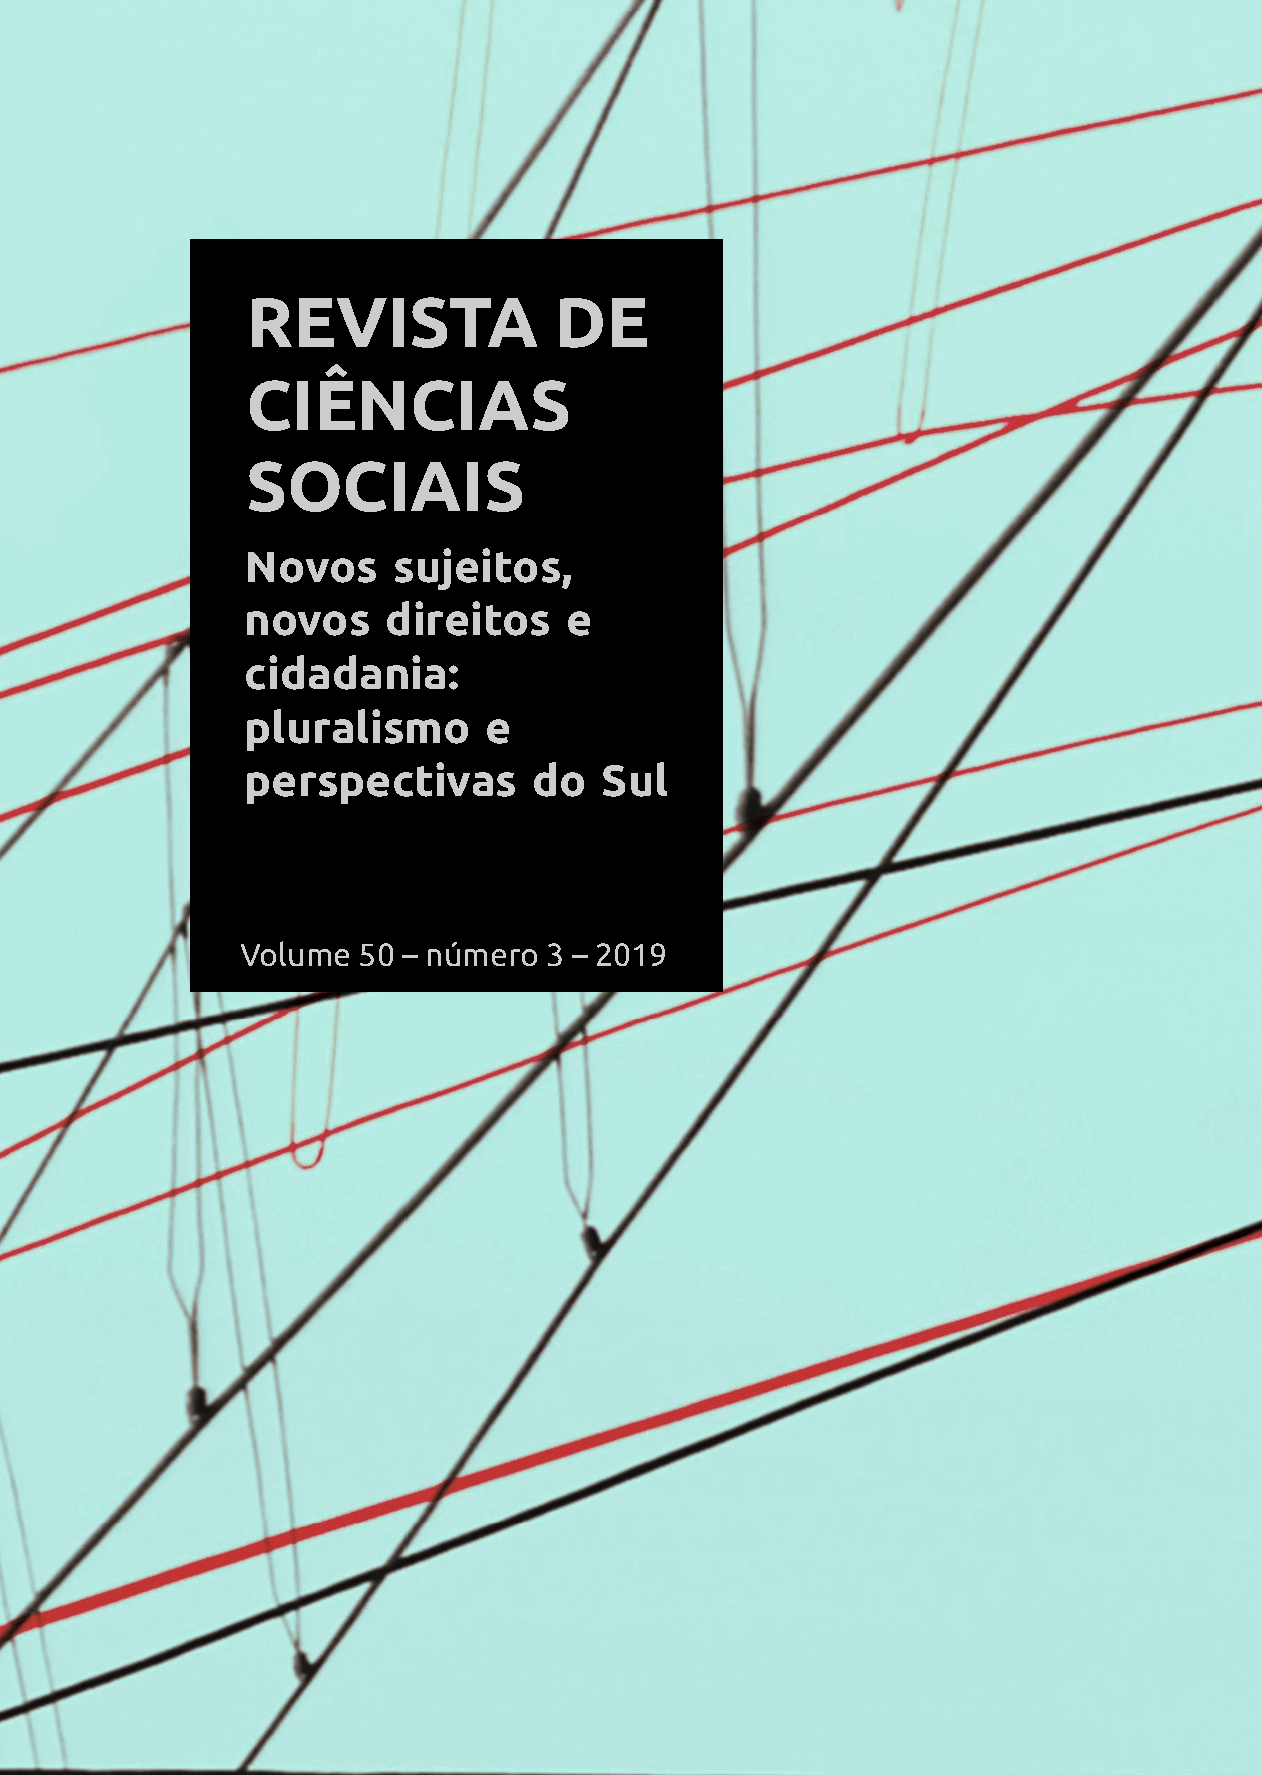 RCS Dossiê Novos sujeitos, novos direitos e cidadania